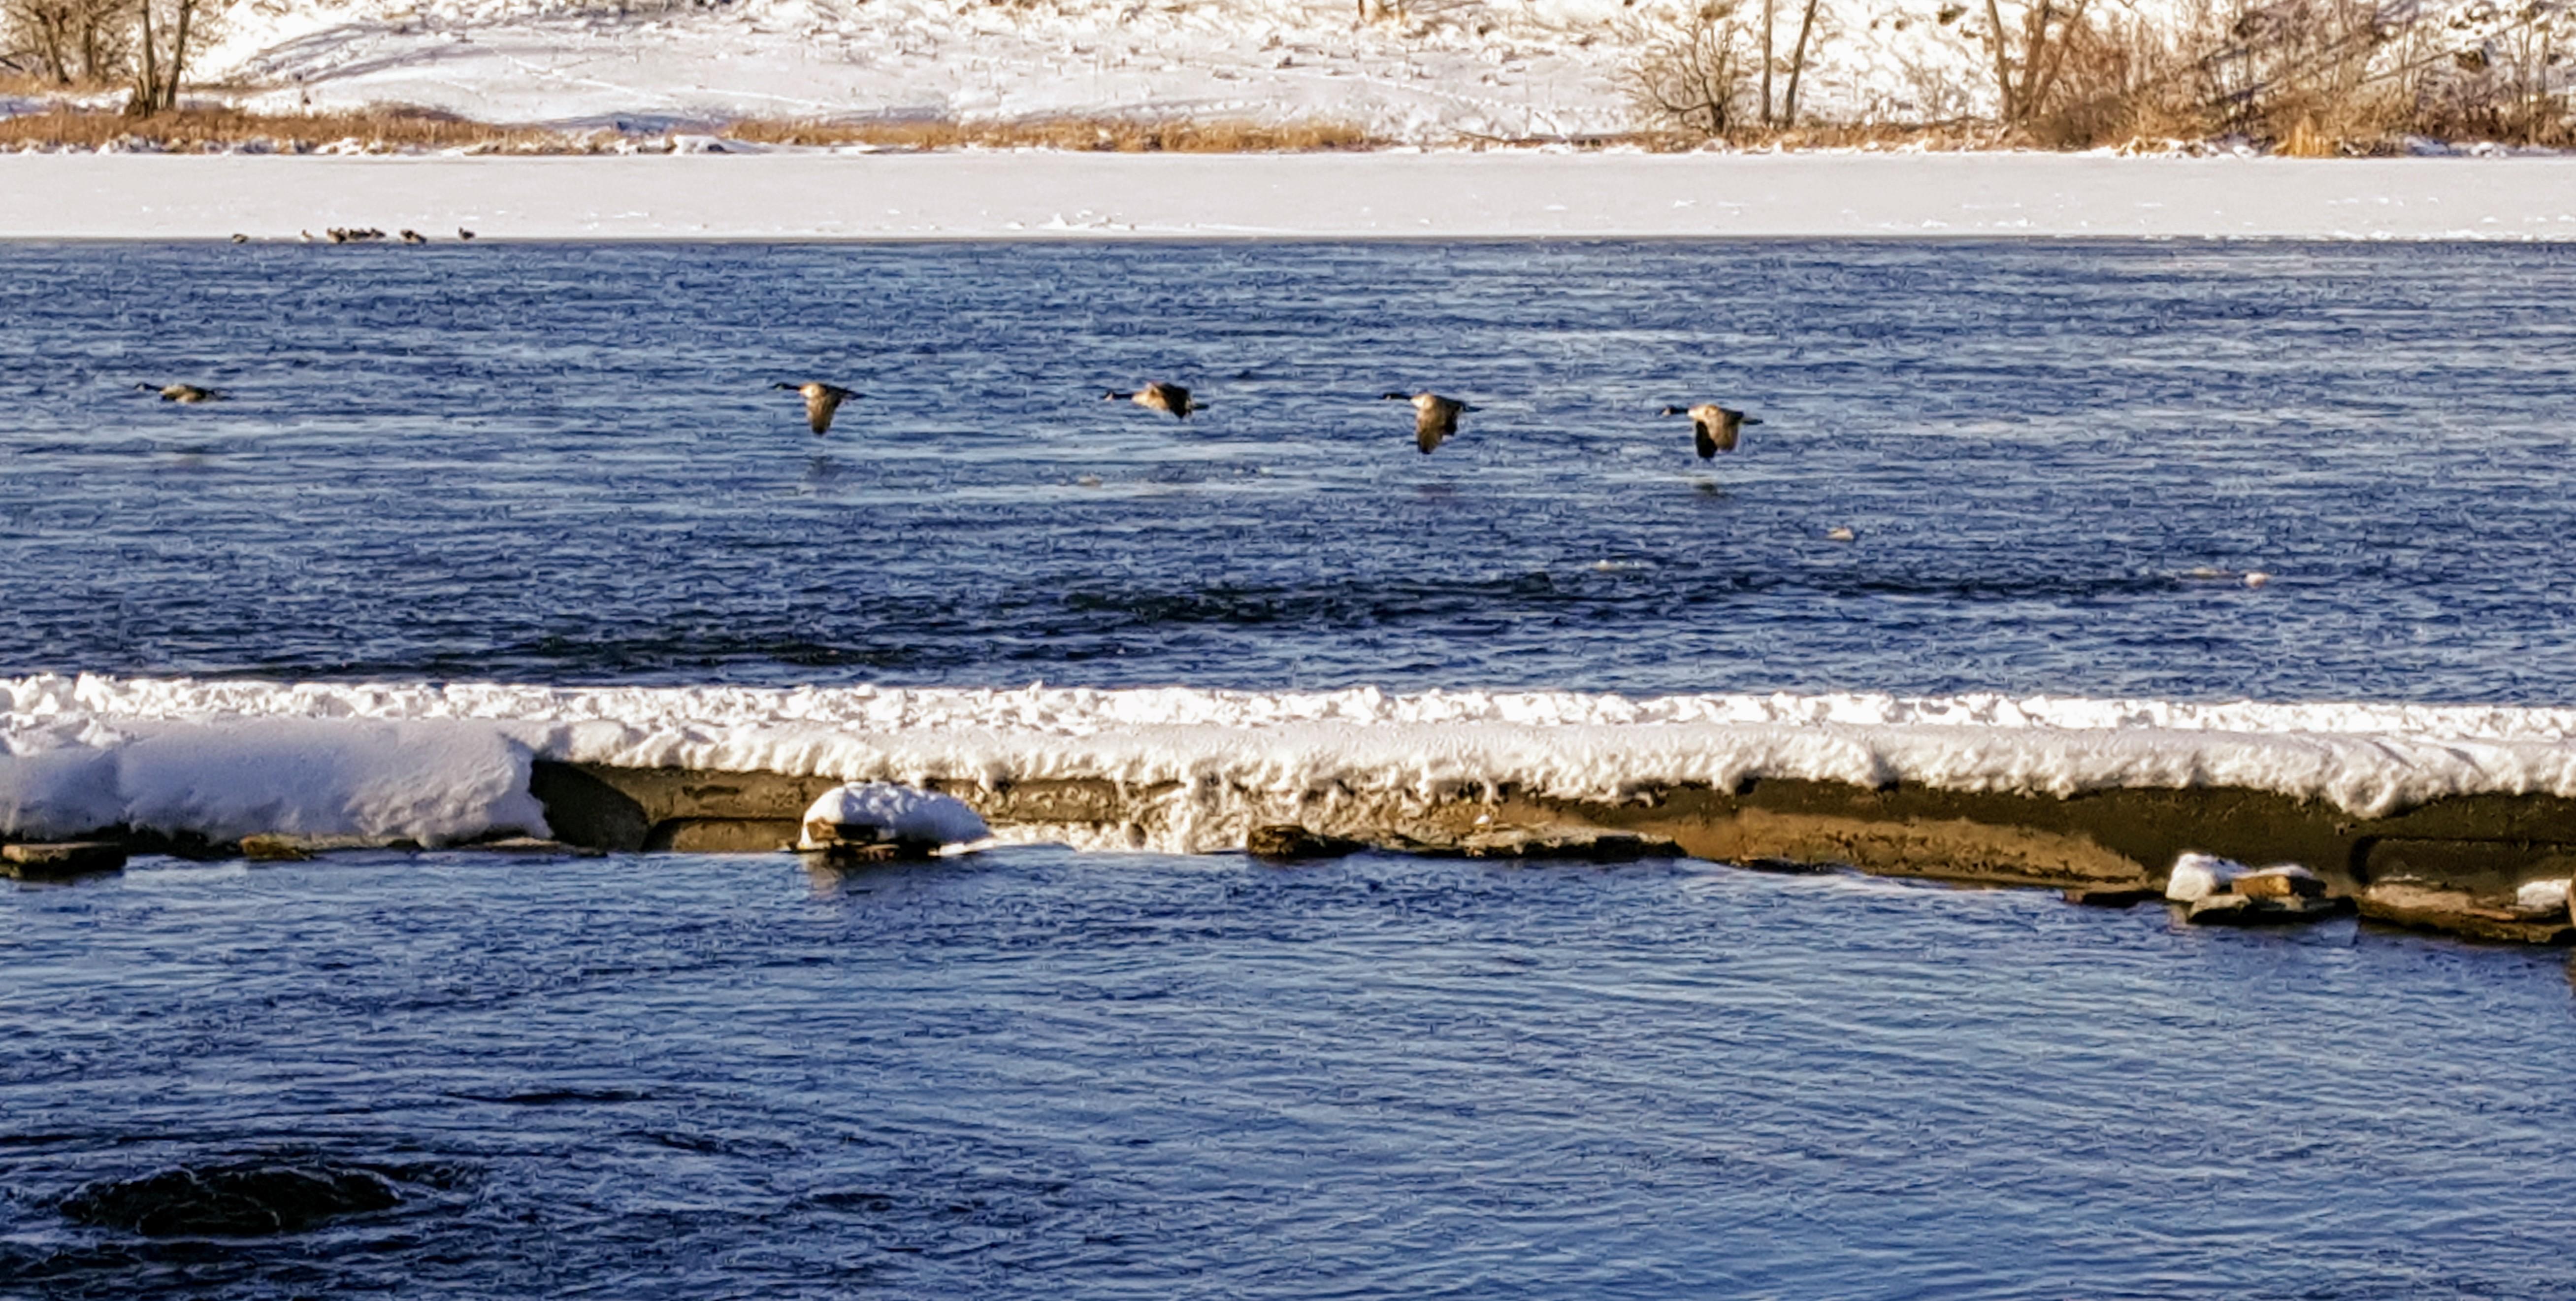 Giant Springs geese